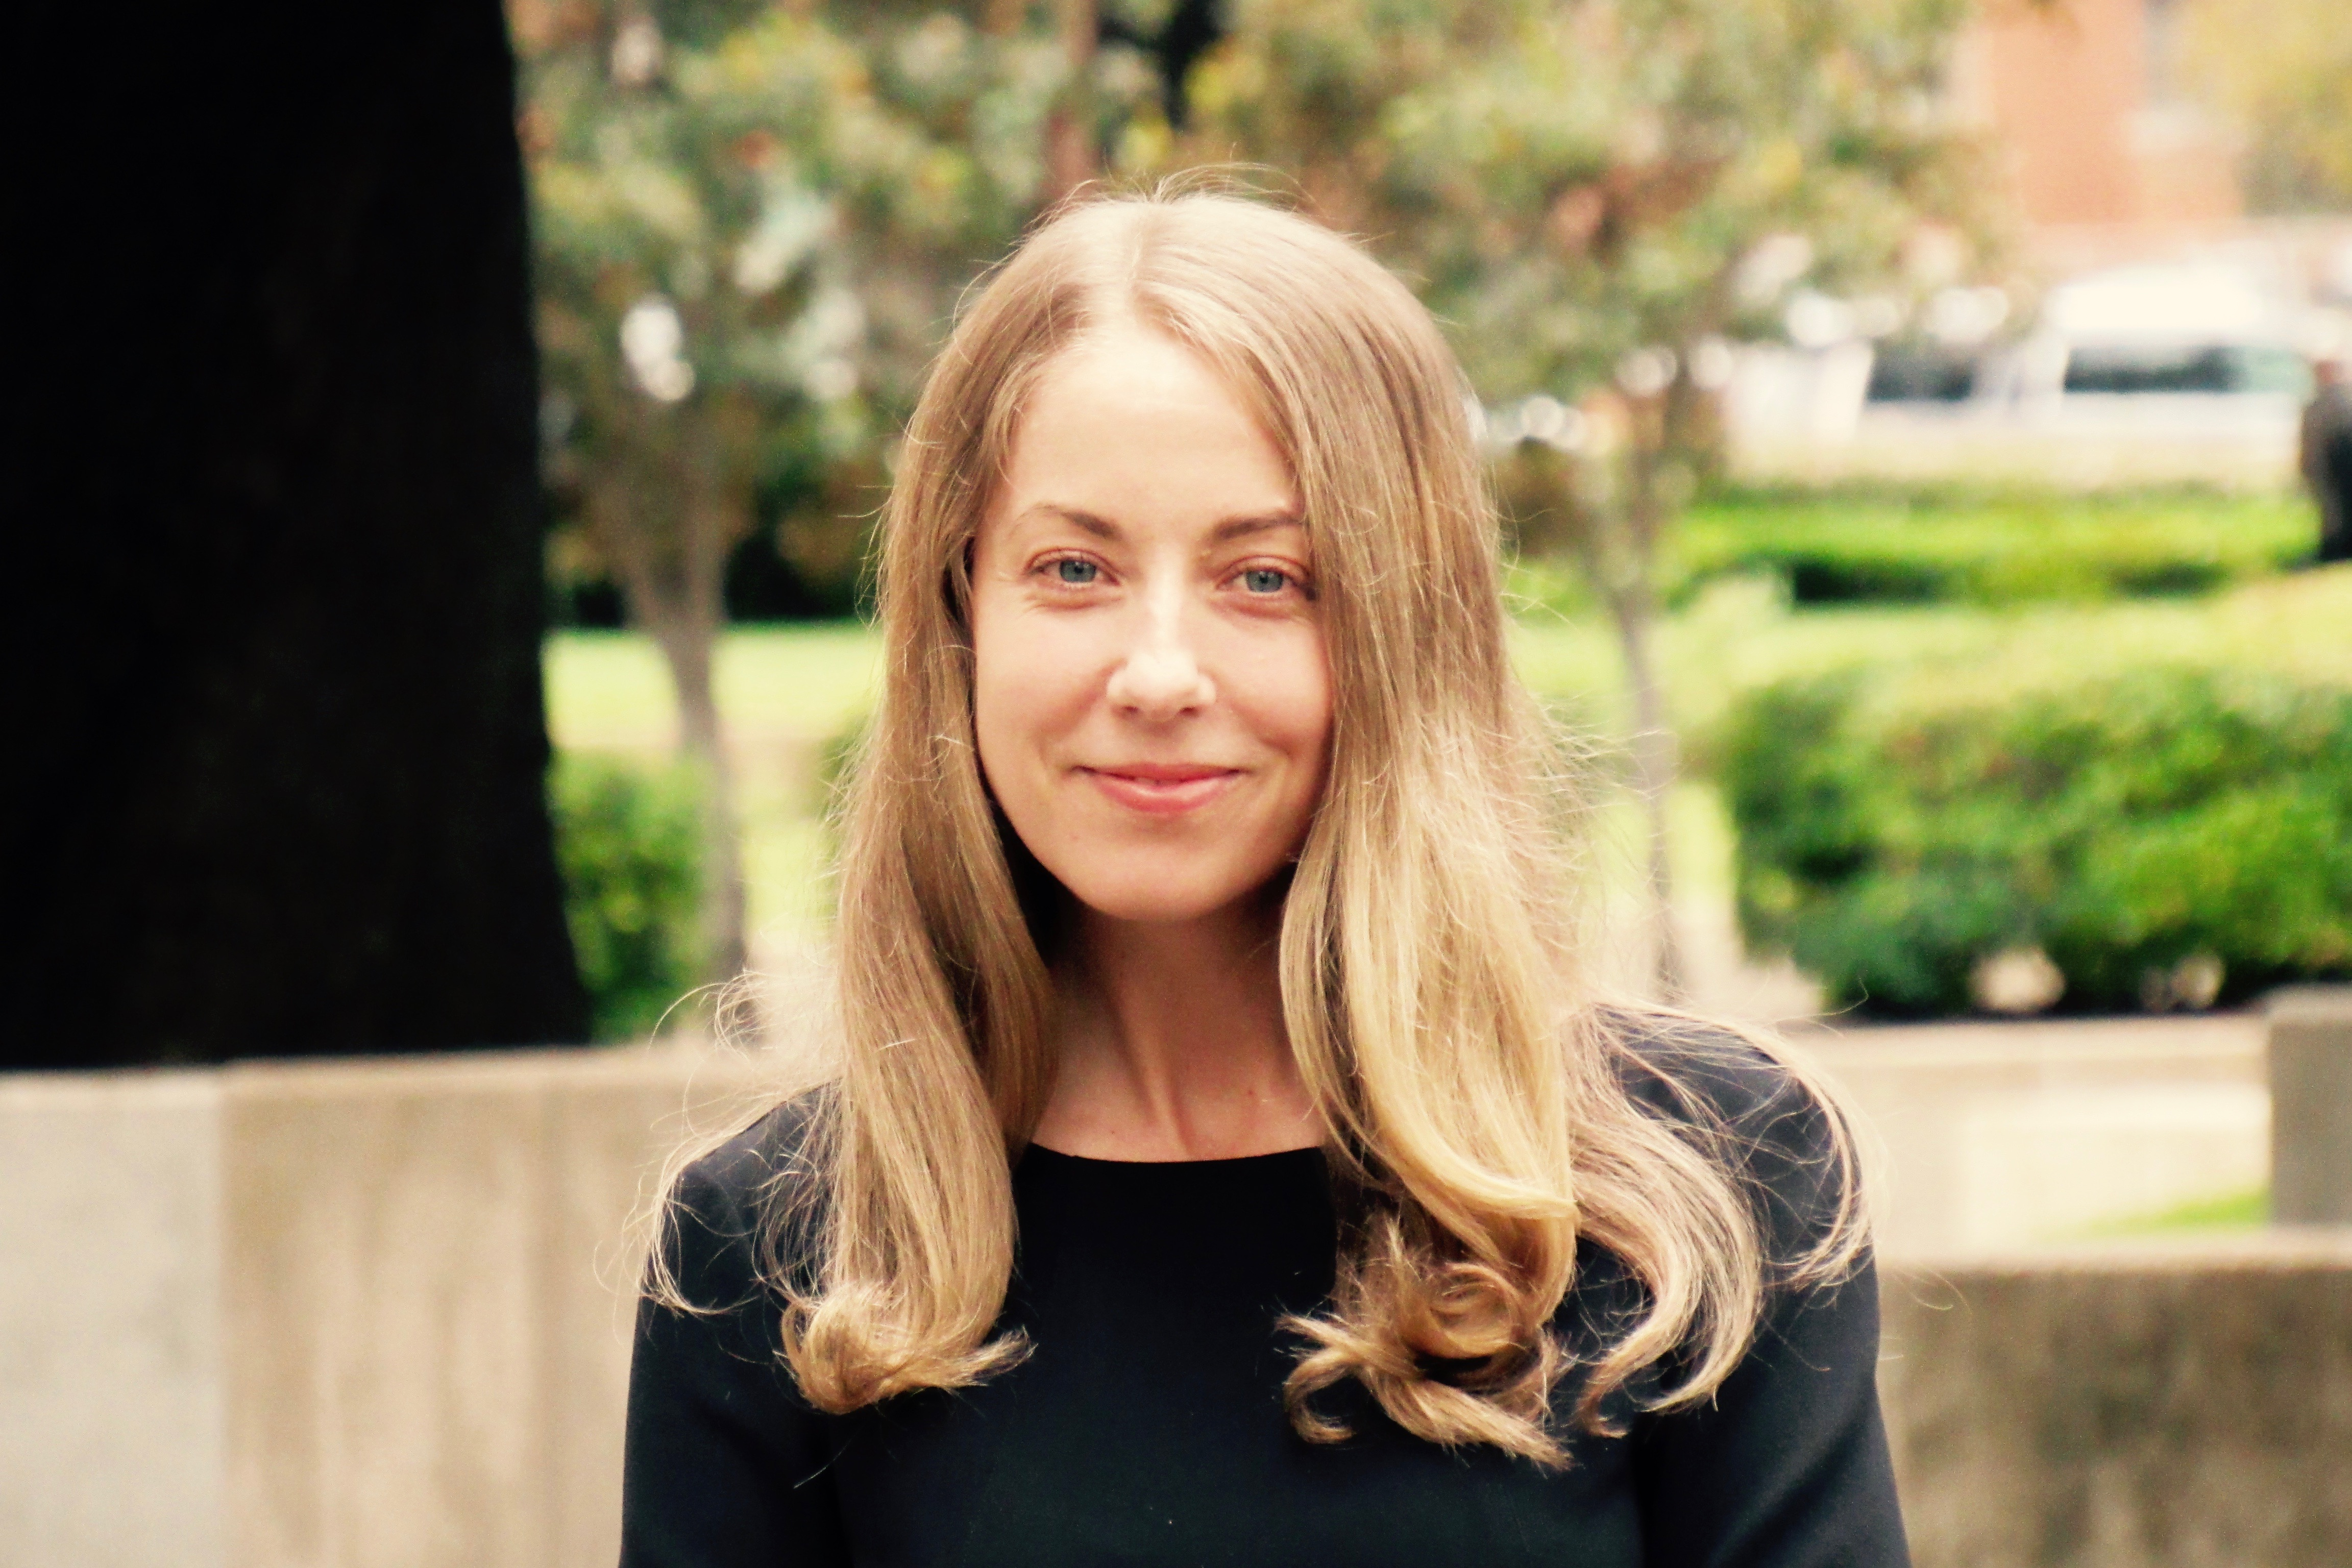 Dr. Chloe Honum